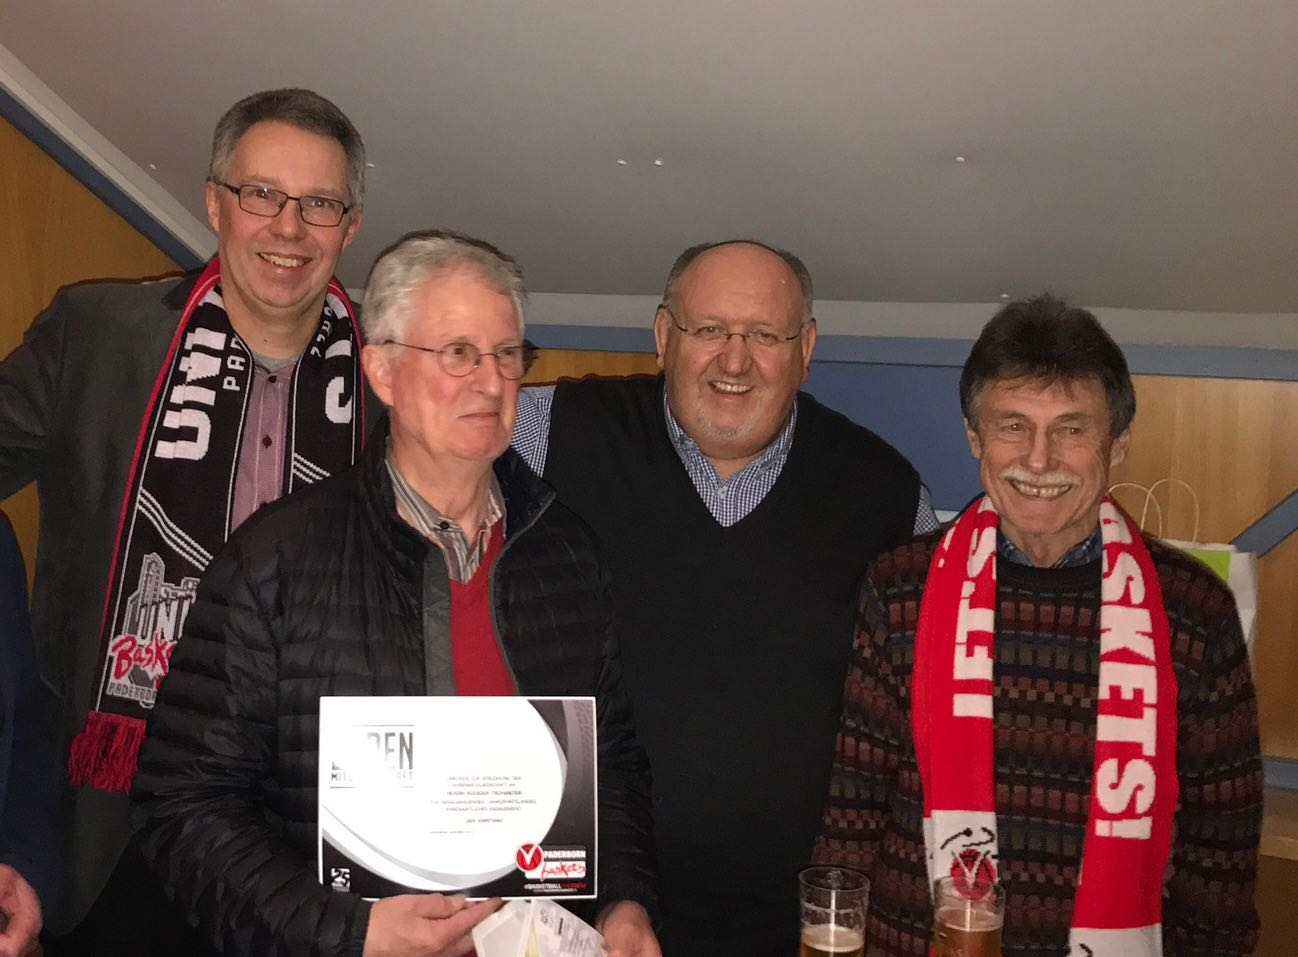 Die Ehrung zum Ehrenmitglied. (von links: Präsident Christoph Schlösser, Ehrenmitglied Rüdiger Tschanter, Ehrenpräsident Willy Cremers, Ehrenpräsident Hans-Peter Götz.)